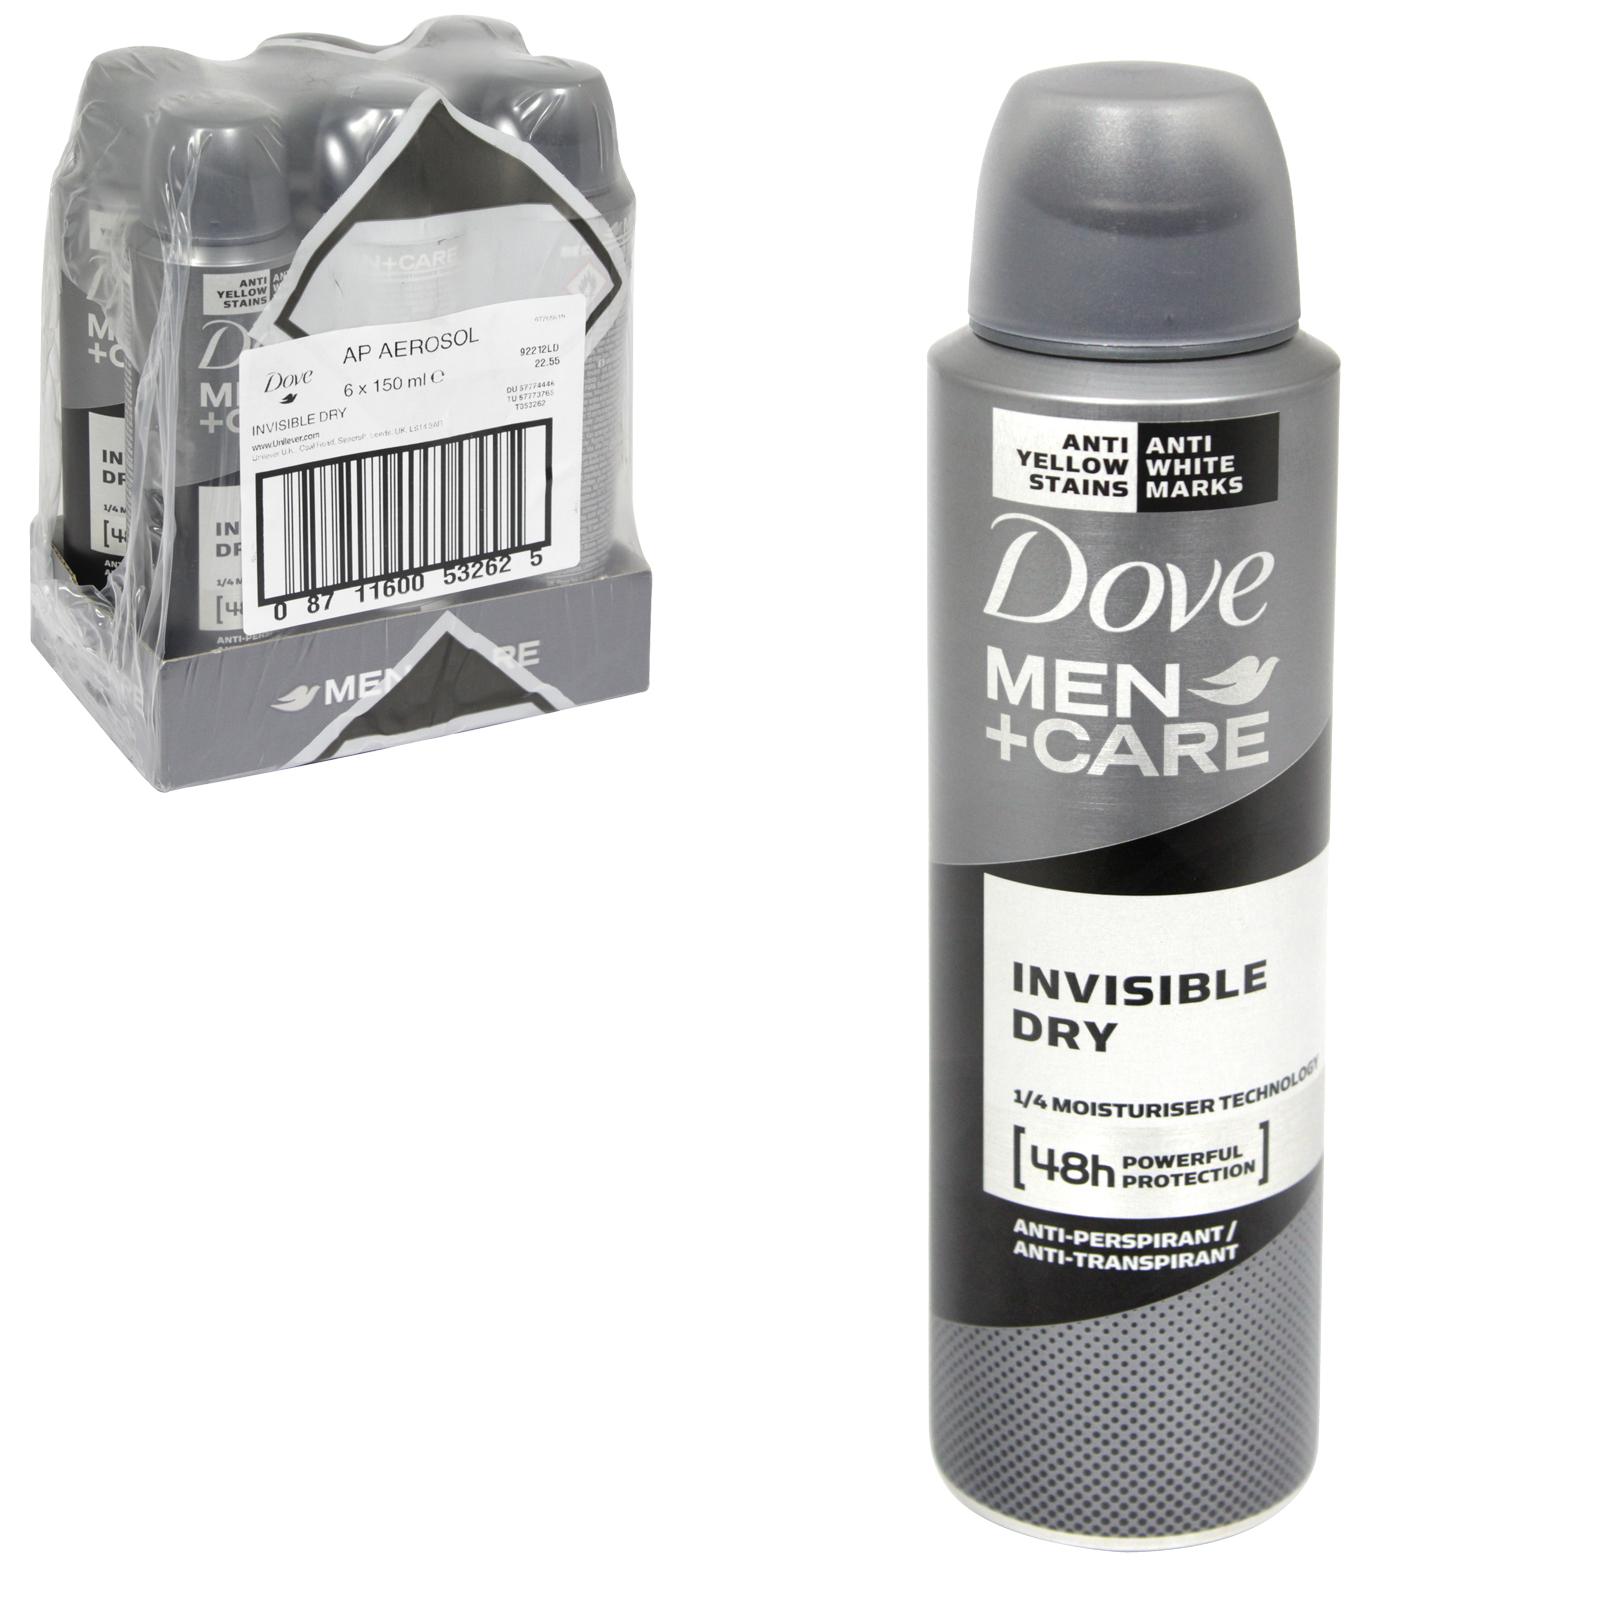 DOVE MEN+CARE APA 150ML INVISIBLE DRY X 6